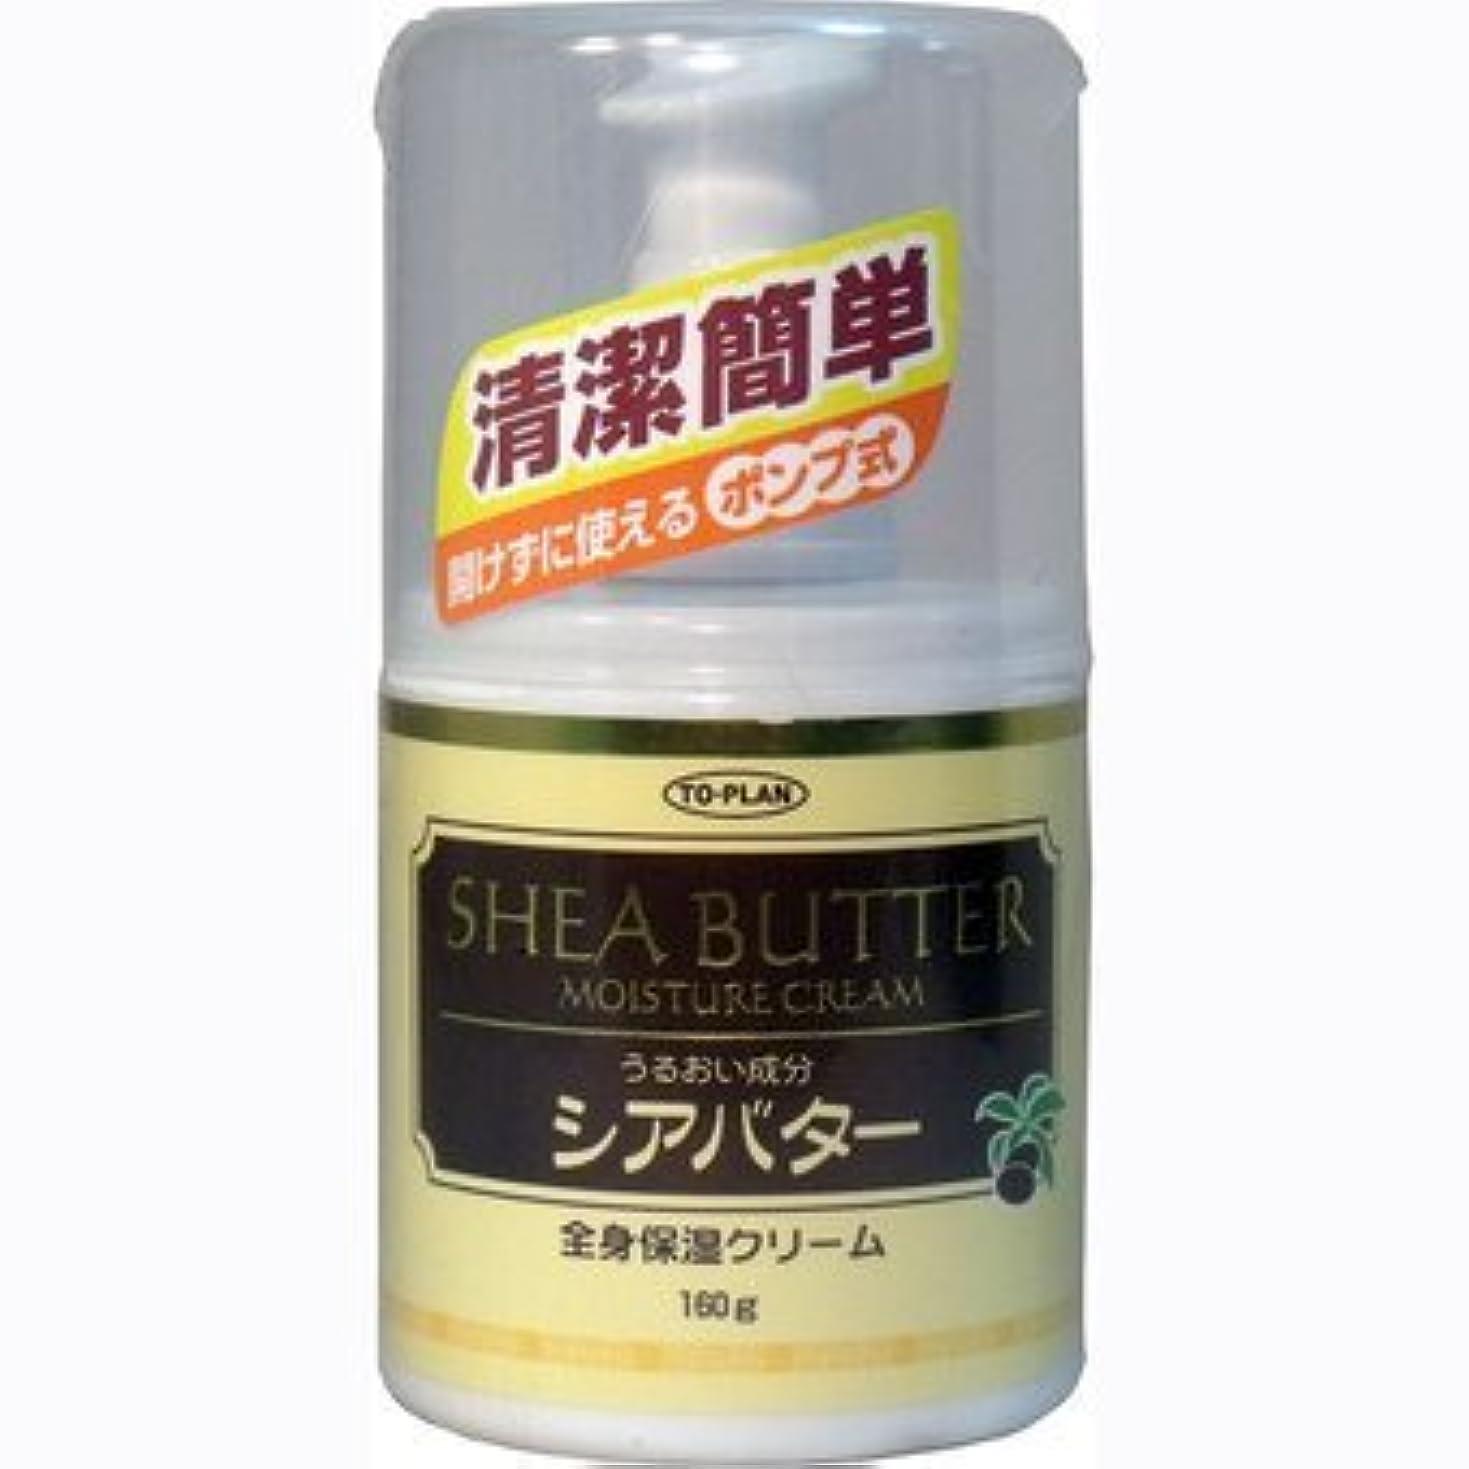 端吐き出す才能トプランお肌の乾燥を防ぐ 全身保湿クリーム シアバター ポンプ式 160g×3個